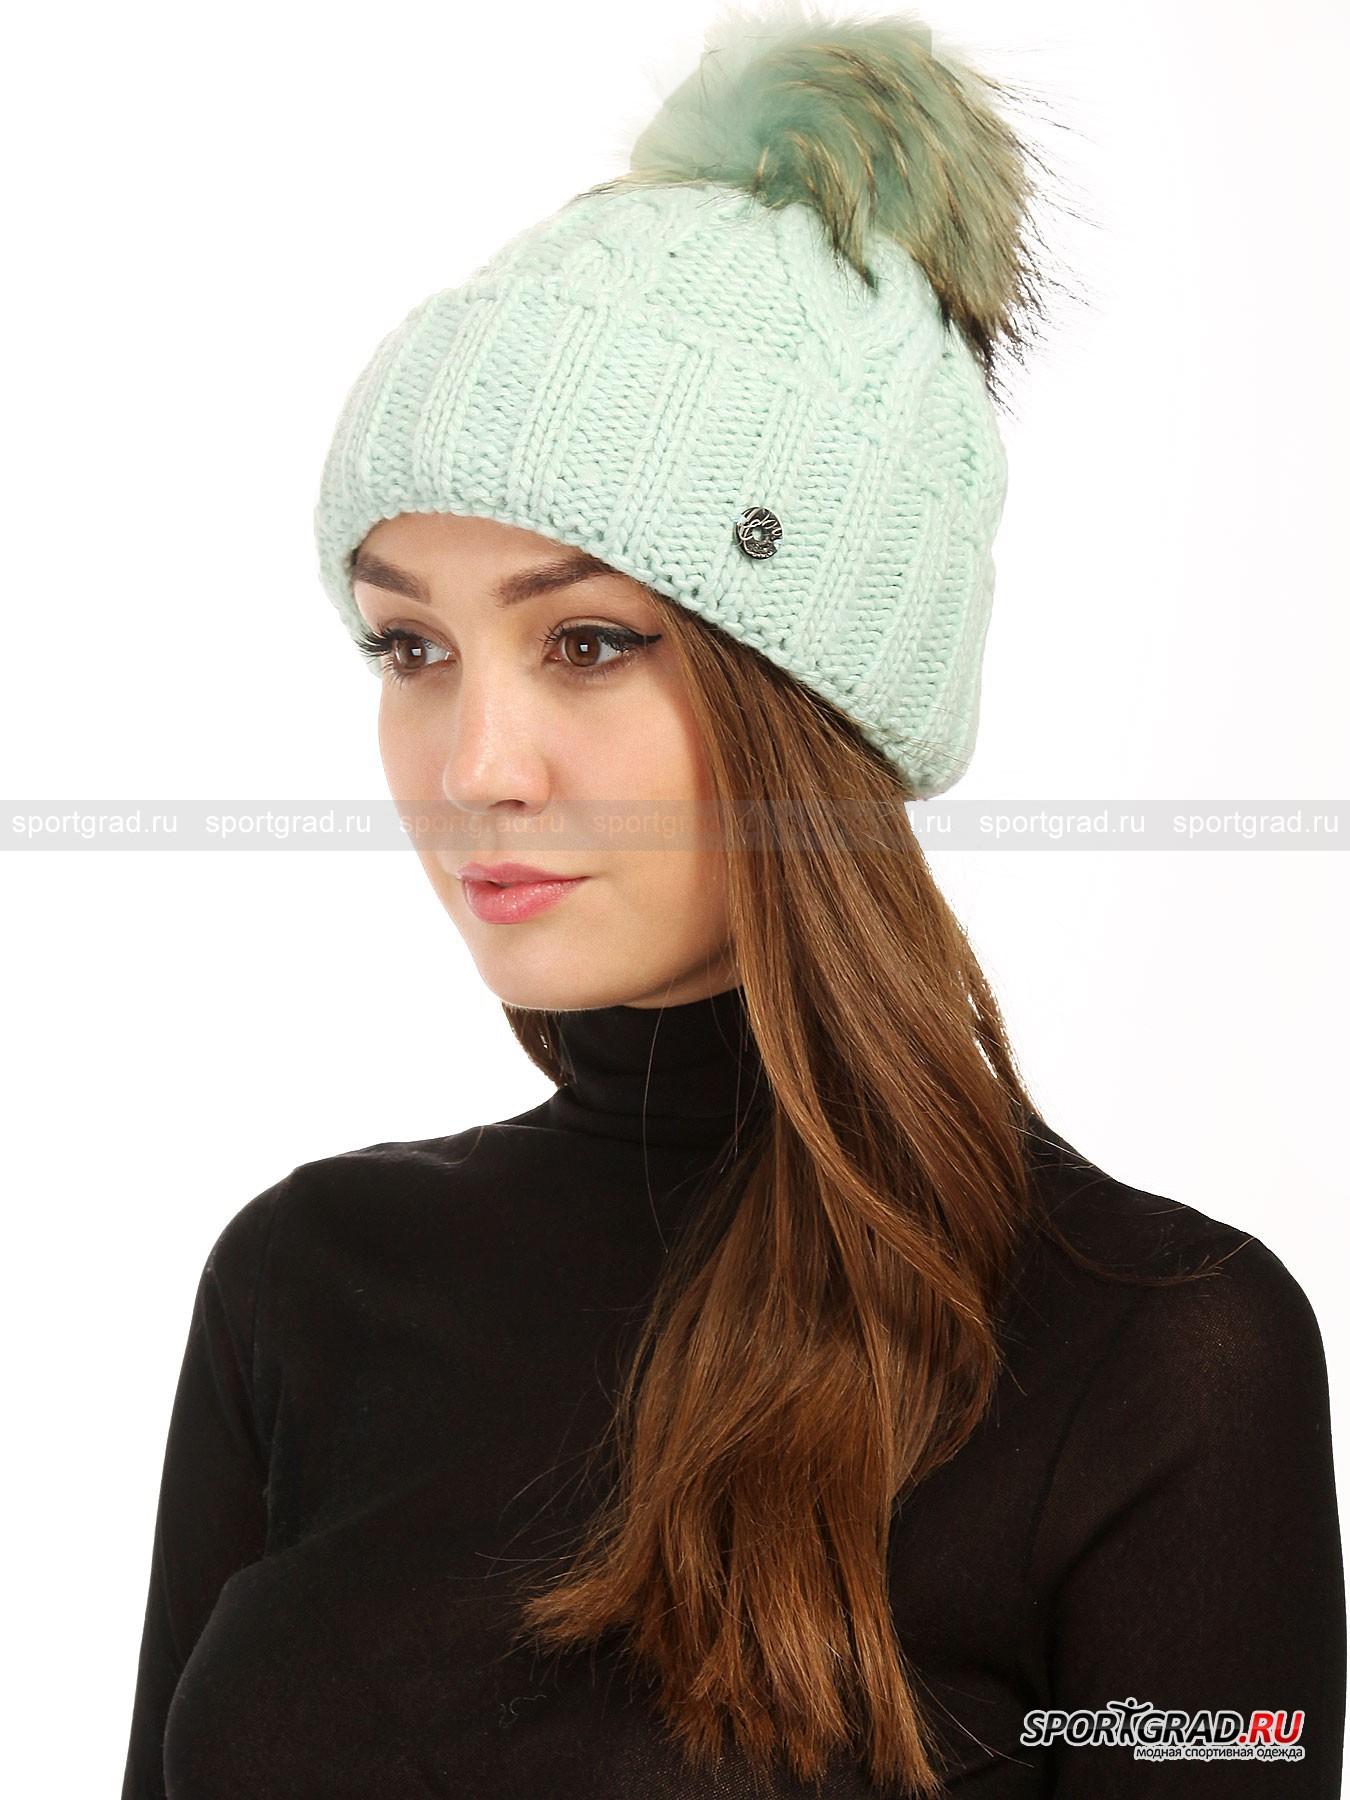 Шапка женская Baden NC SPORTALMГоловные Уборы<br>Зимняя шапка – важный аксессуар, способный задать настроение всему образу, поэтому выбирать ее нужно с особенной тщательностью. Решив купить изделие от Sportalm, вы точно не пожалеете, ведь эта австрийская марка сочетает в своих аксессуарах отличное качество, высокий уровень комфорта и изысканный внешний вид.<br><br>Уютная шапка Baden NC Sportalm является одним из самых теплых головных уборов в линейке этого года. Объемная модель крупной вязки сделана из пряжи, сочетающей в себе акриловые  и шерстяные нити. В районе ушей с изнанки имеется полоска из флиса для лучшей защиты от холода и ветра. <br><br>Особенности модели:<br>- отворот;<br>- помпон из натурального меха енота, пристегивающийся с помощью кнопки;<br>- фирменная нашивка с эмблемой коллекции.<br><br>Пол: Женский<br>Возраст: Взрослый<br>Тип: Головные Уборы<br>Рекомендации по уходу: ручная стирка; нельзя гладить, отбеливать, сушить в стиральной машине, подвергать химической чистке<br>Состав: основной материал 70% полиакрил, 30% шерсть; подкладка 100% полиэстер; помпон 100% мех финского енота